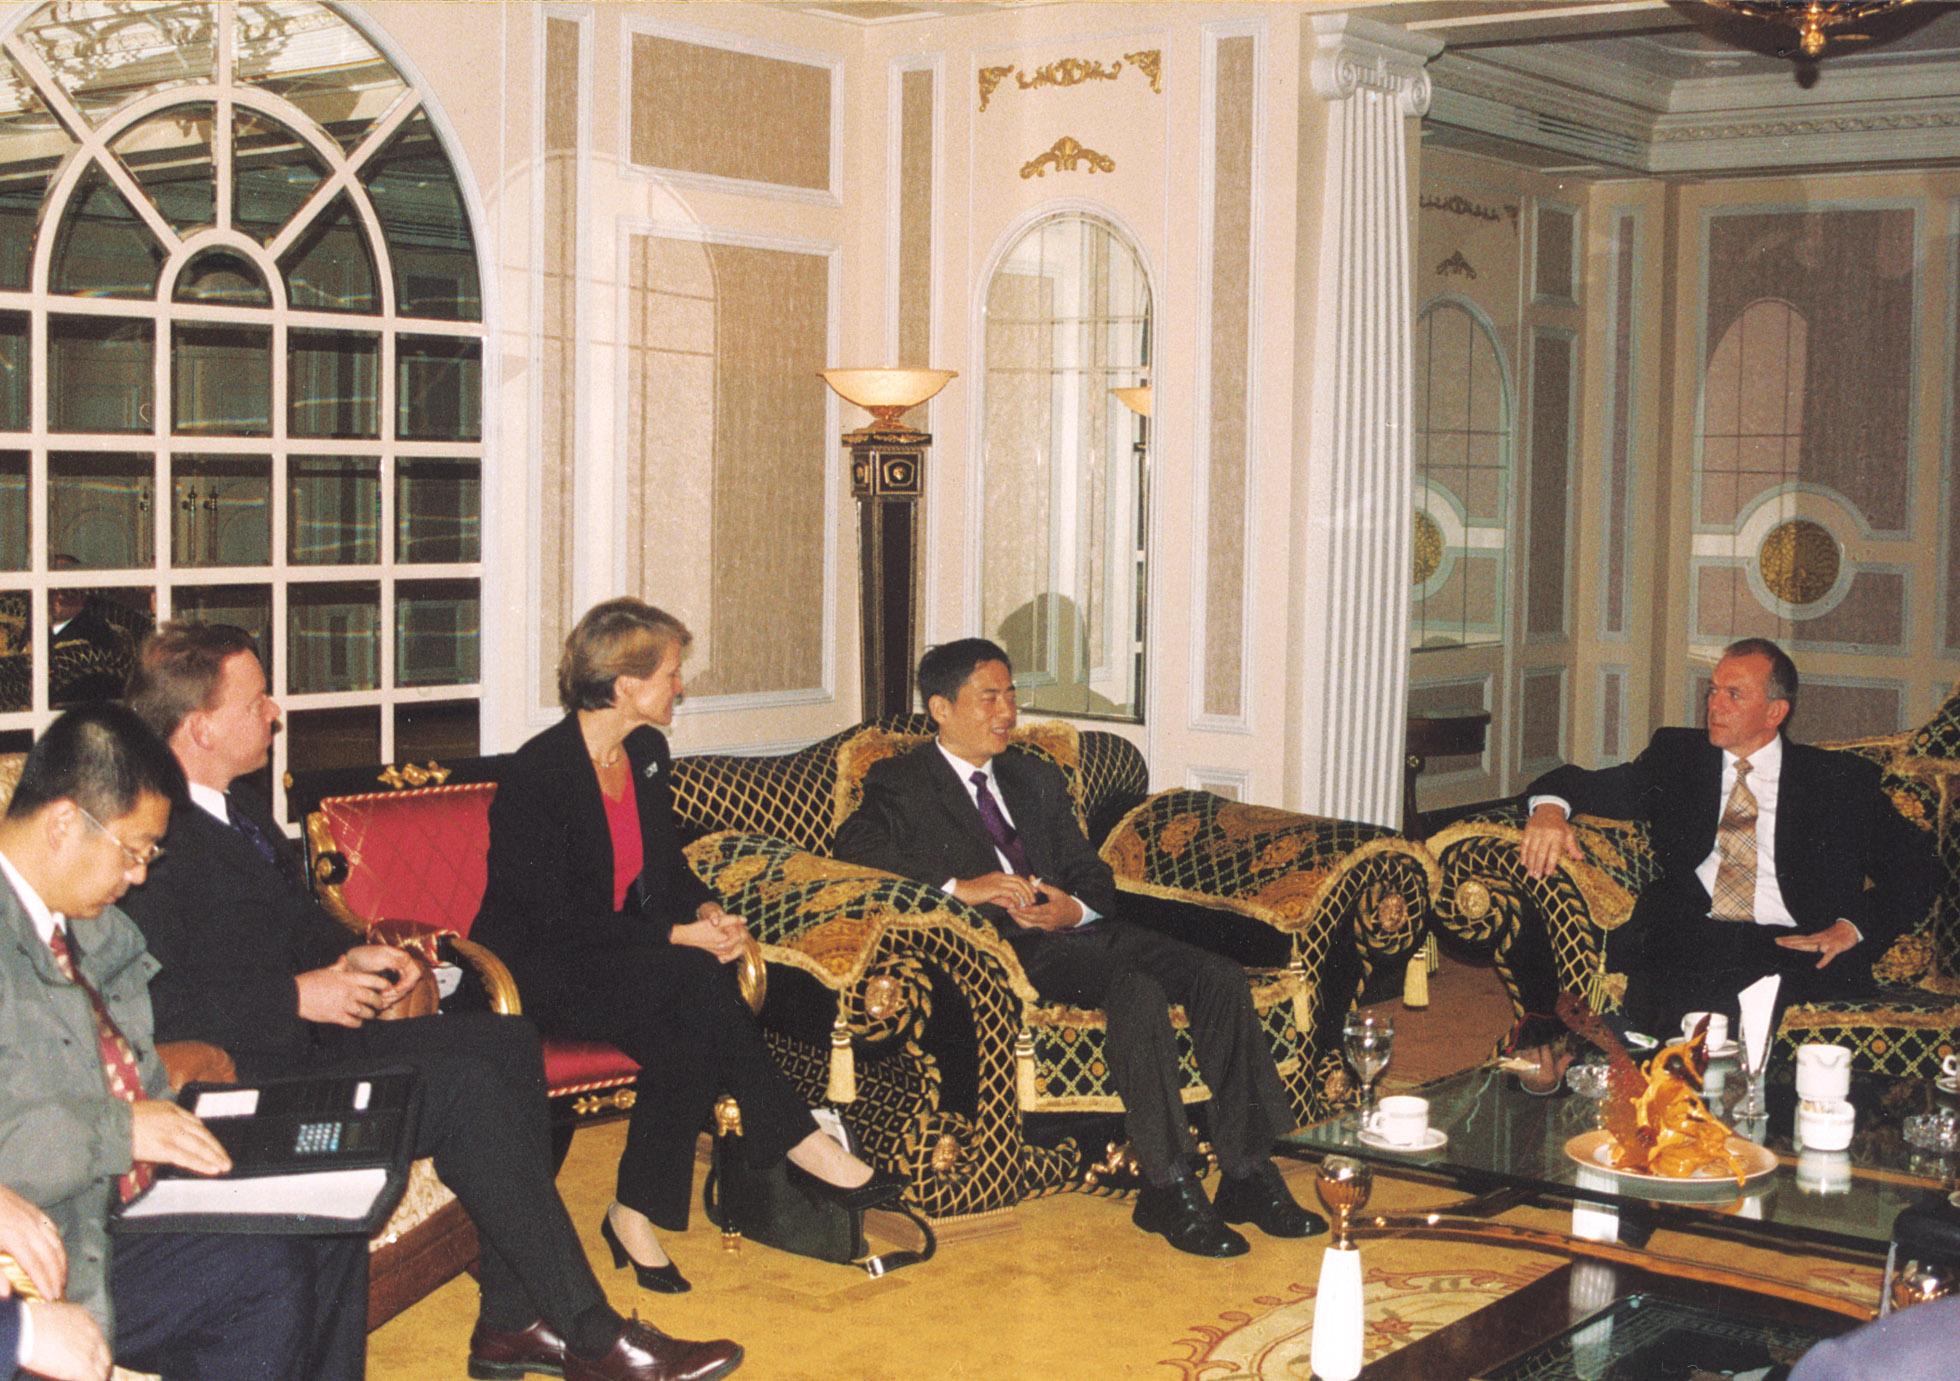 在家園國際酒店貴賓會議室會晤英國首相助理杰夫·穆爾甘一行